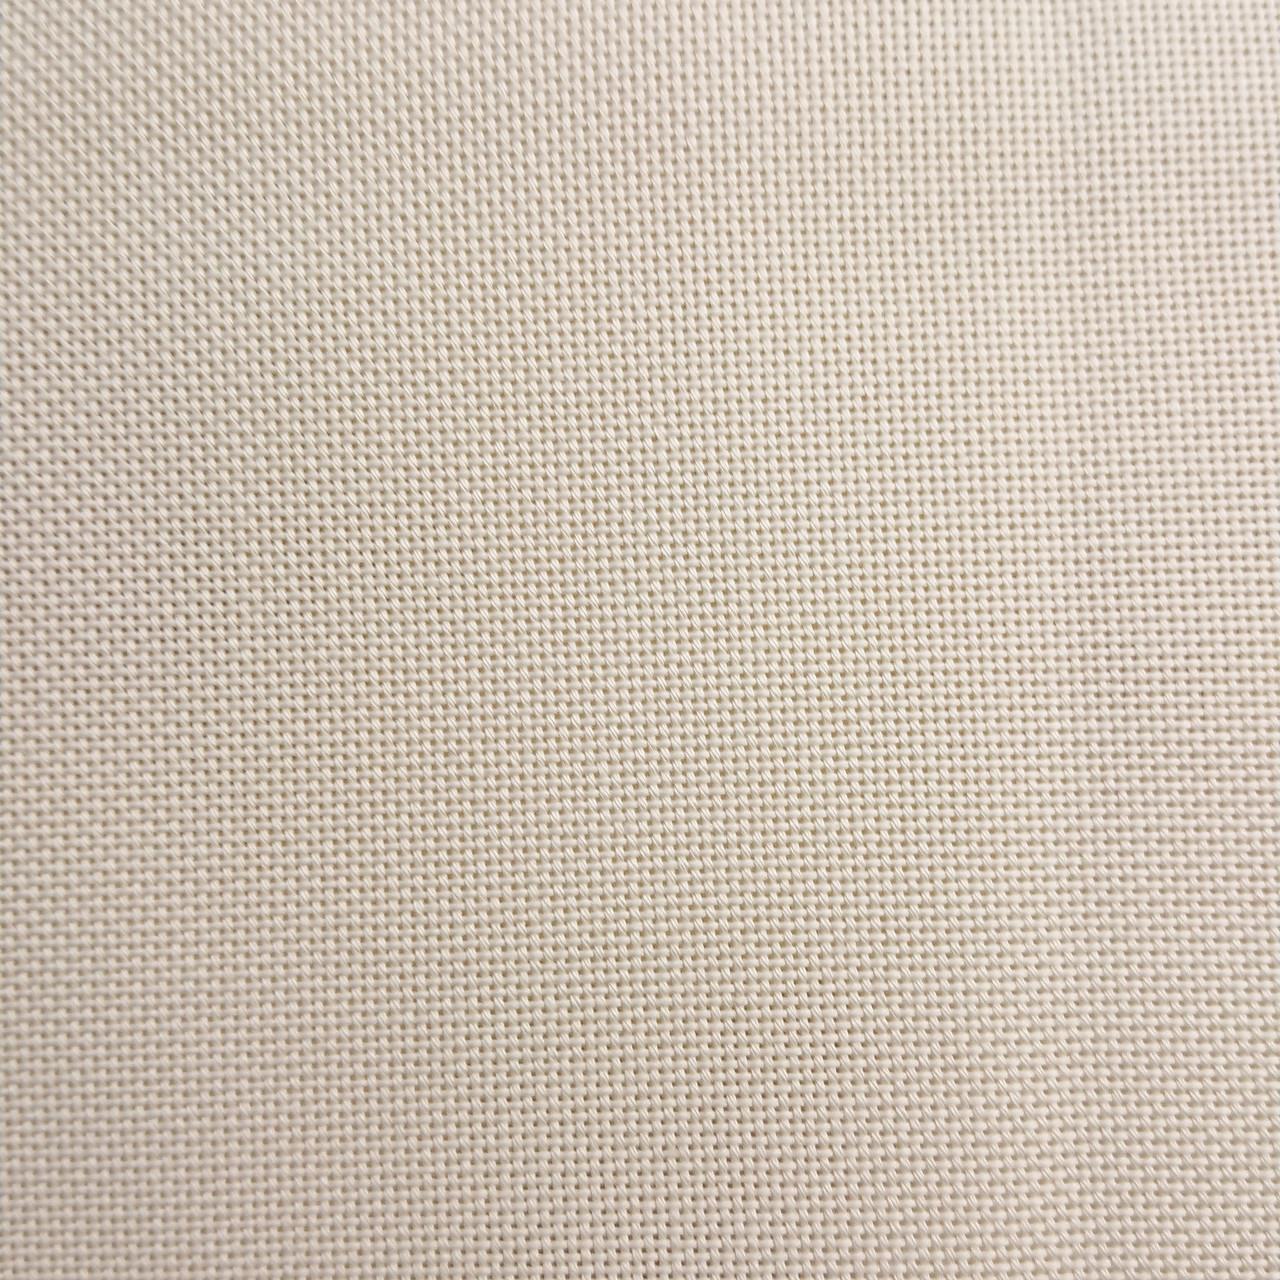 Ткань для вышивки Ubelhor Etamin 25ct. 250 молочная